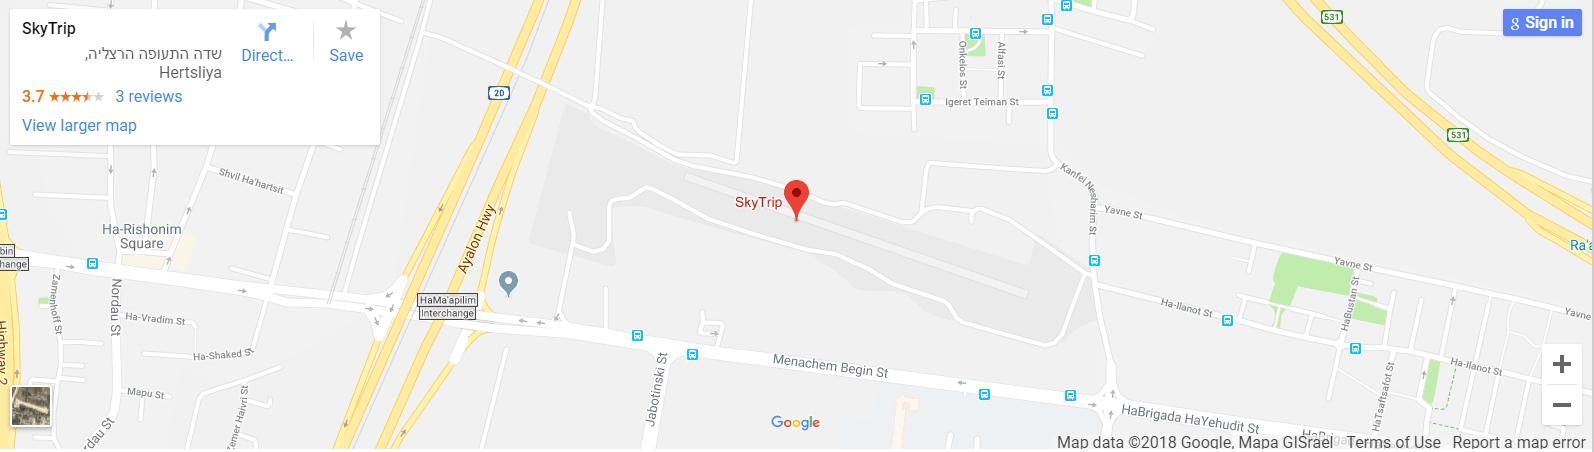 תמונה של מפה עם מיקום העסק של חברת skytrip